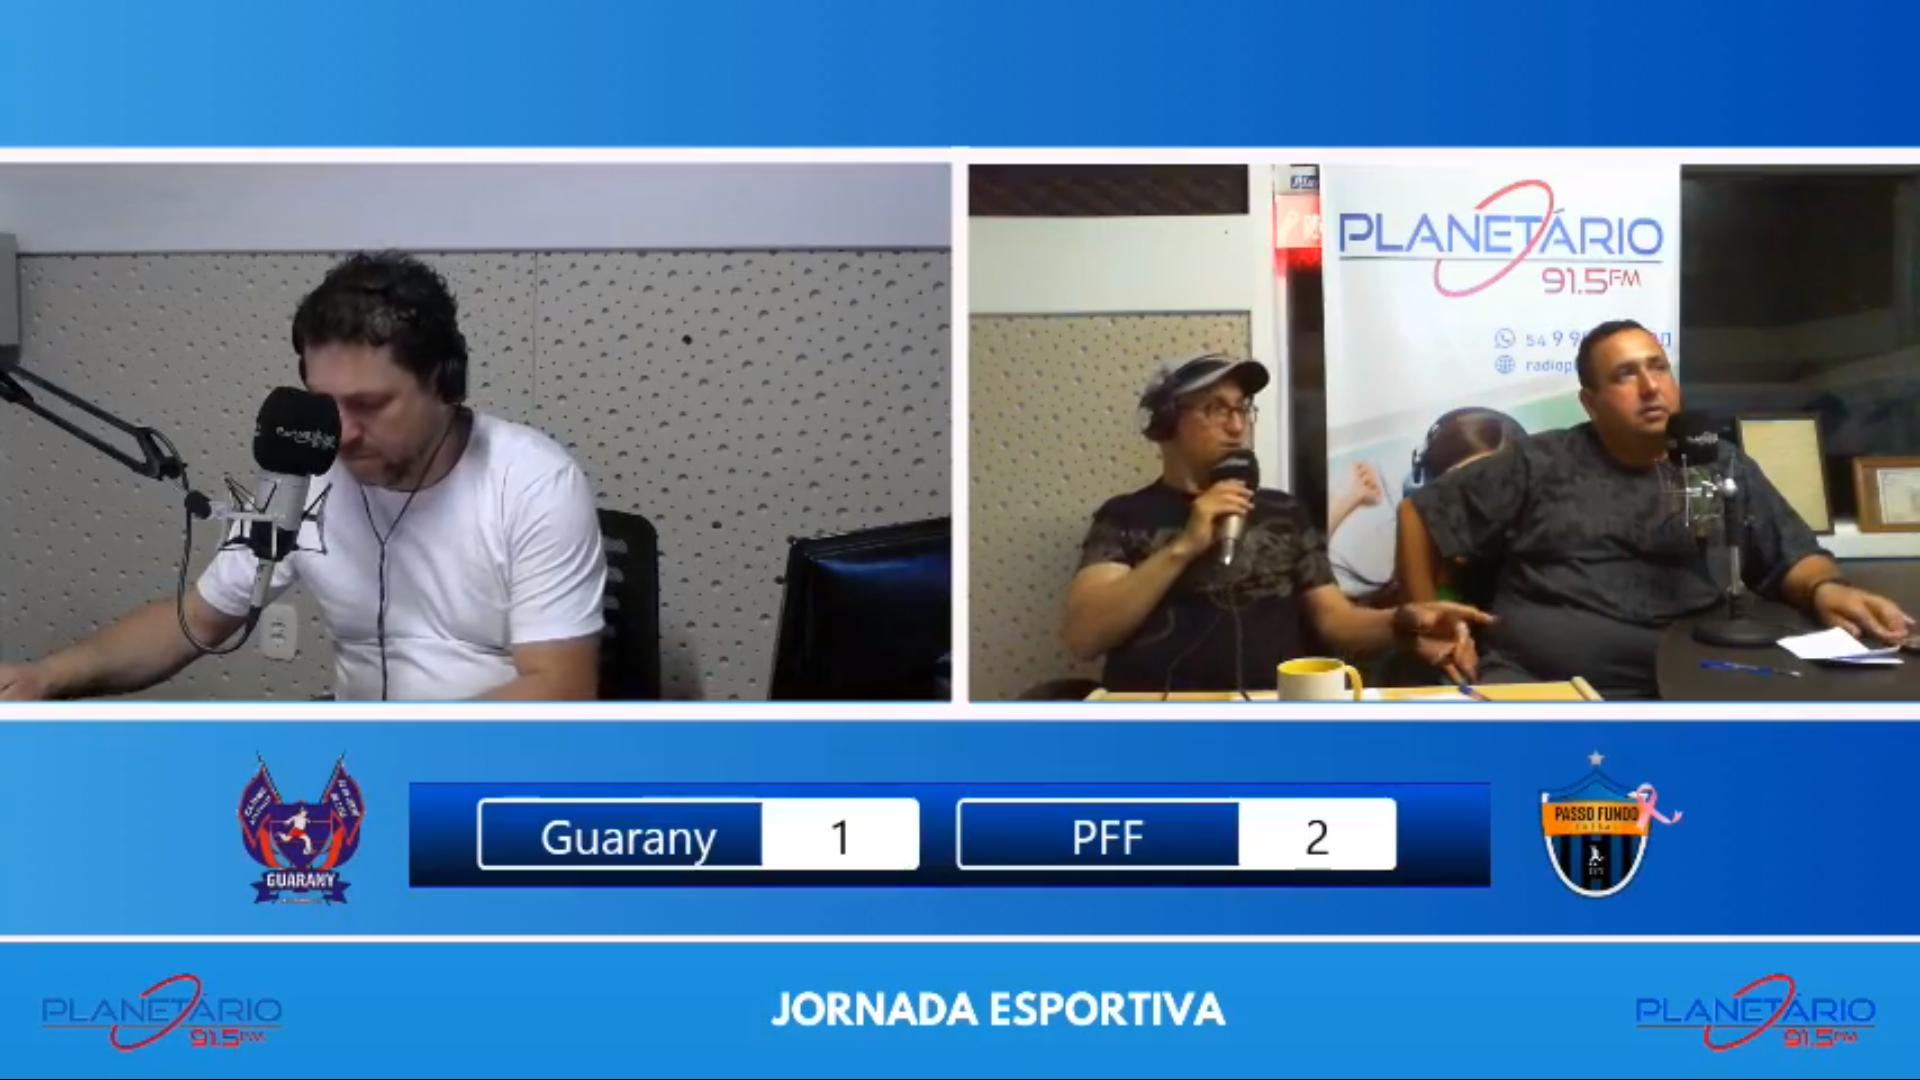 Aqui na Planetário Guarany vs PFF de Passo Fundo